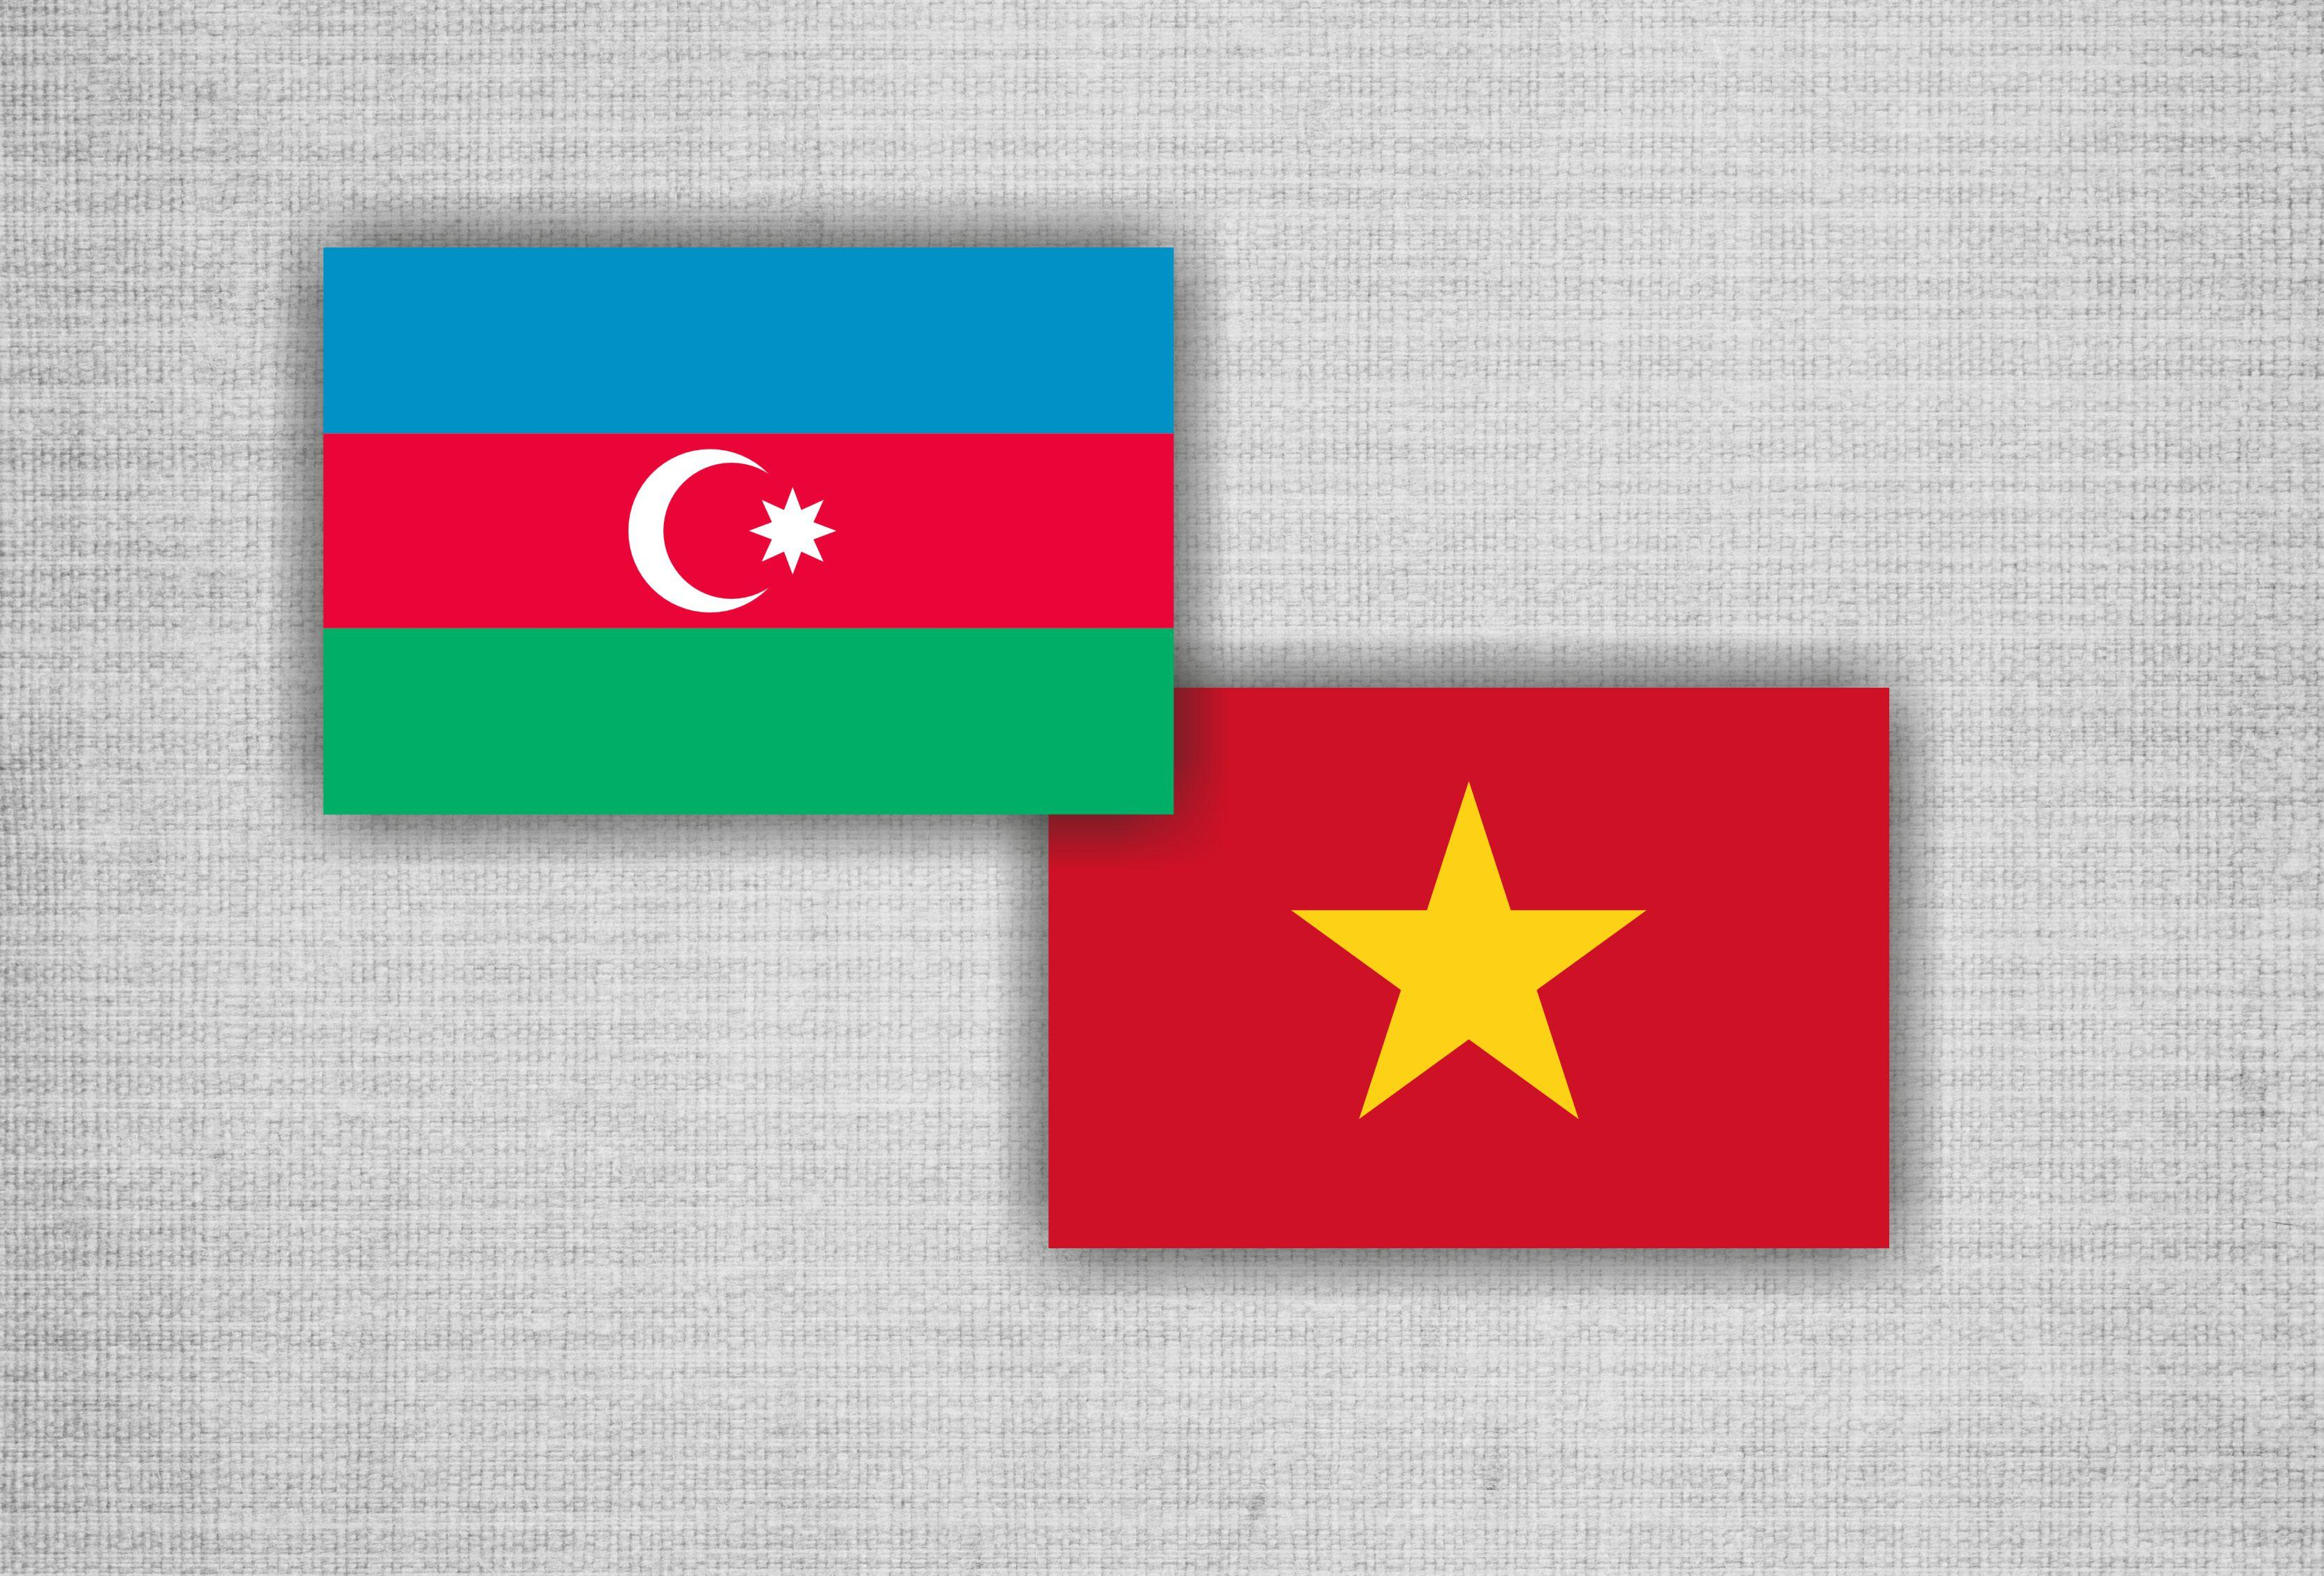 Состоялась церемония подписания документов между Азербайджаном и Вьетнамом